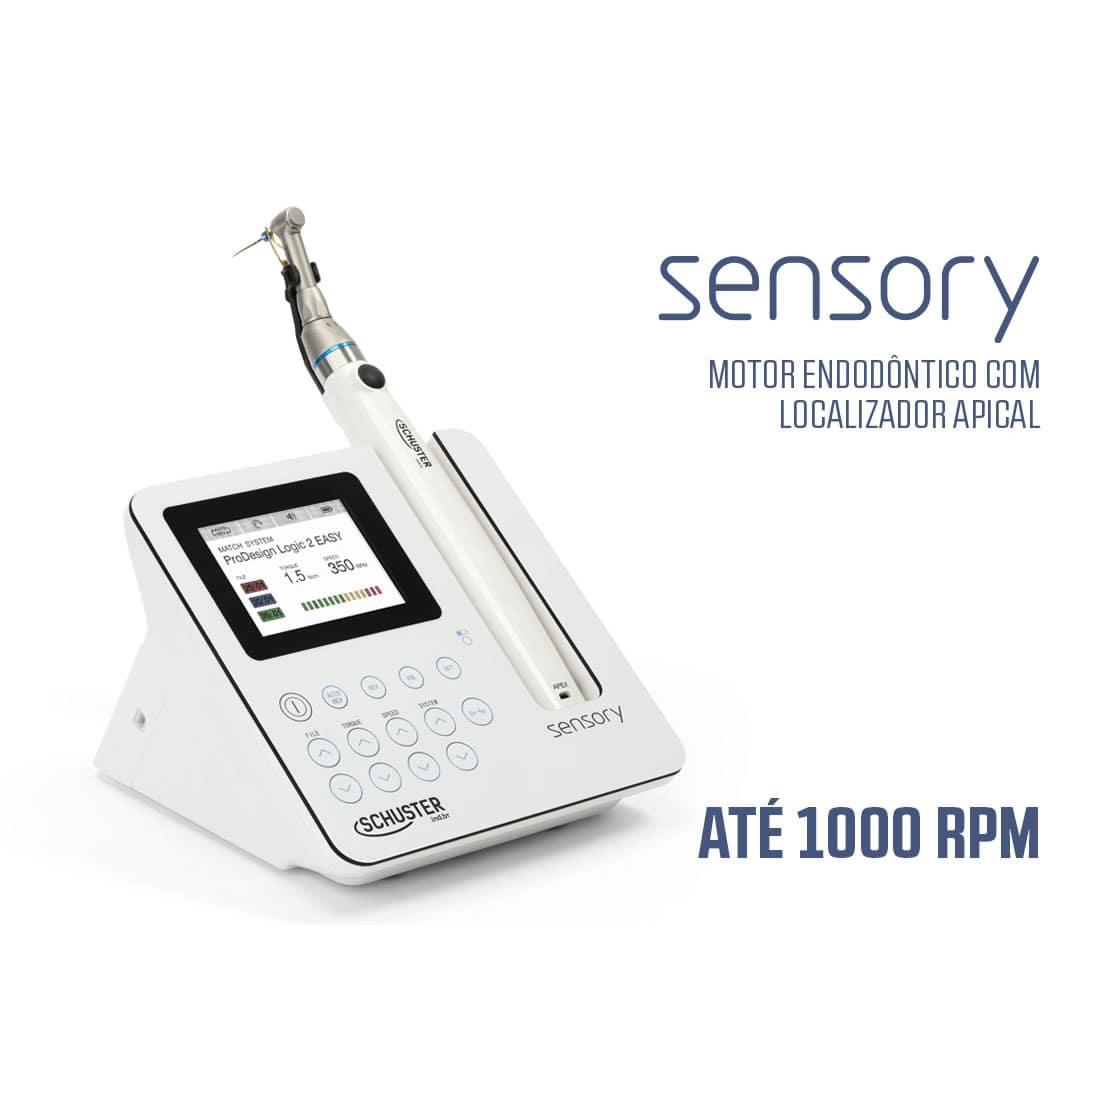 Motor Endodôntico com Localizador Apical Sensory - Schuster